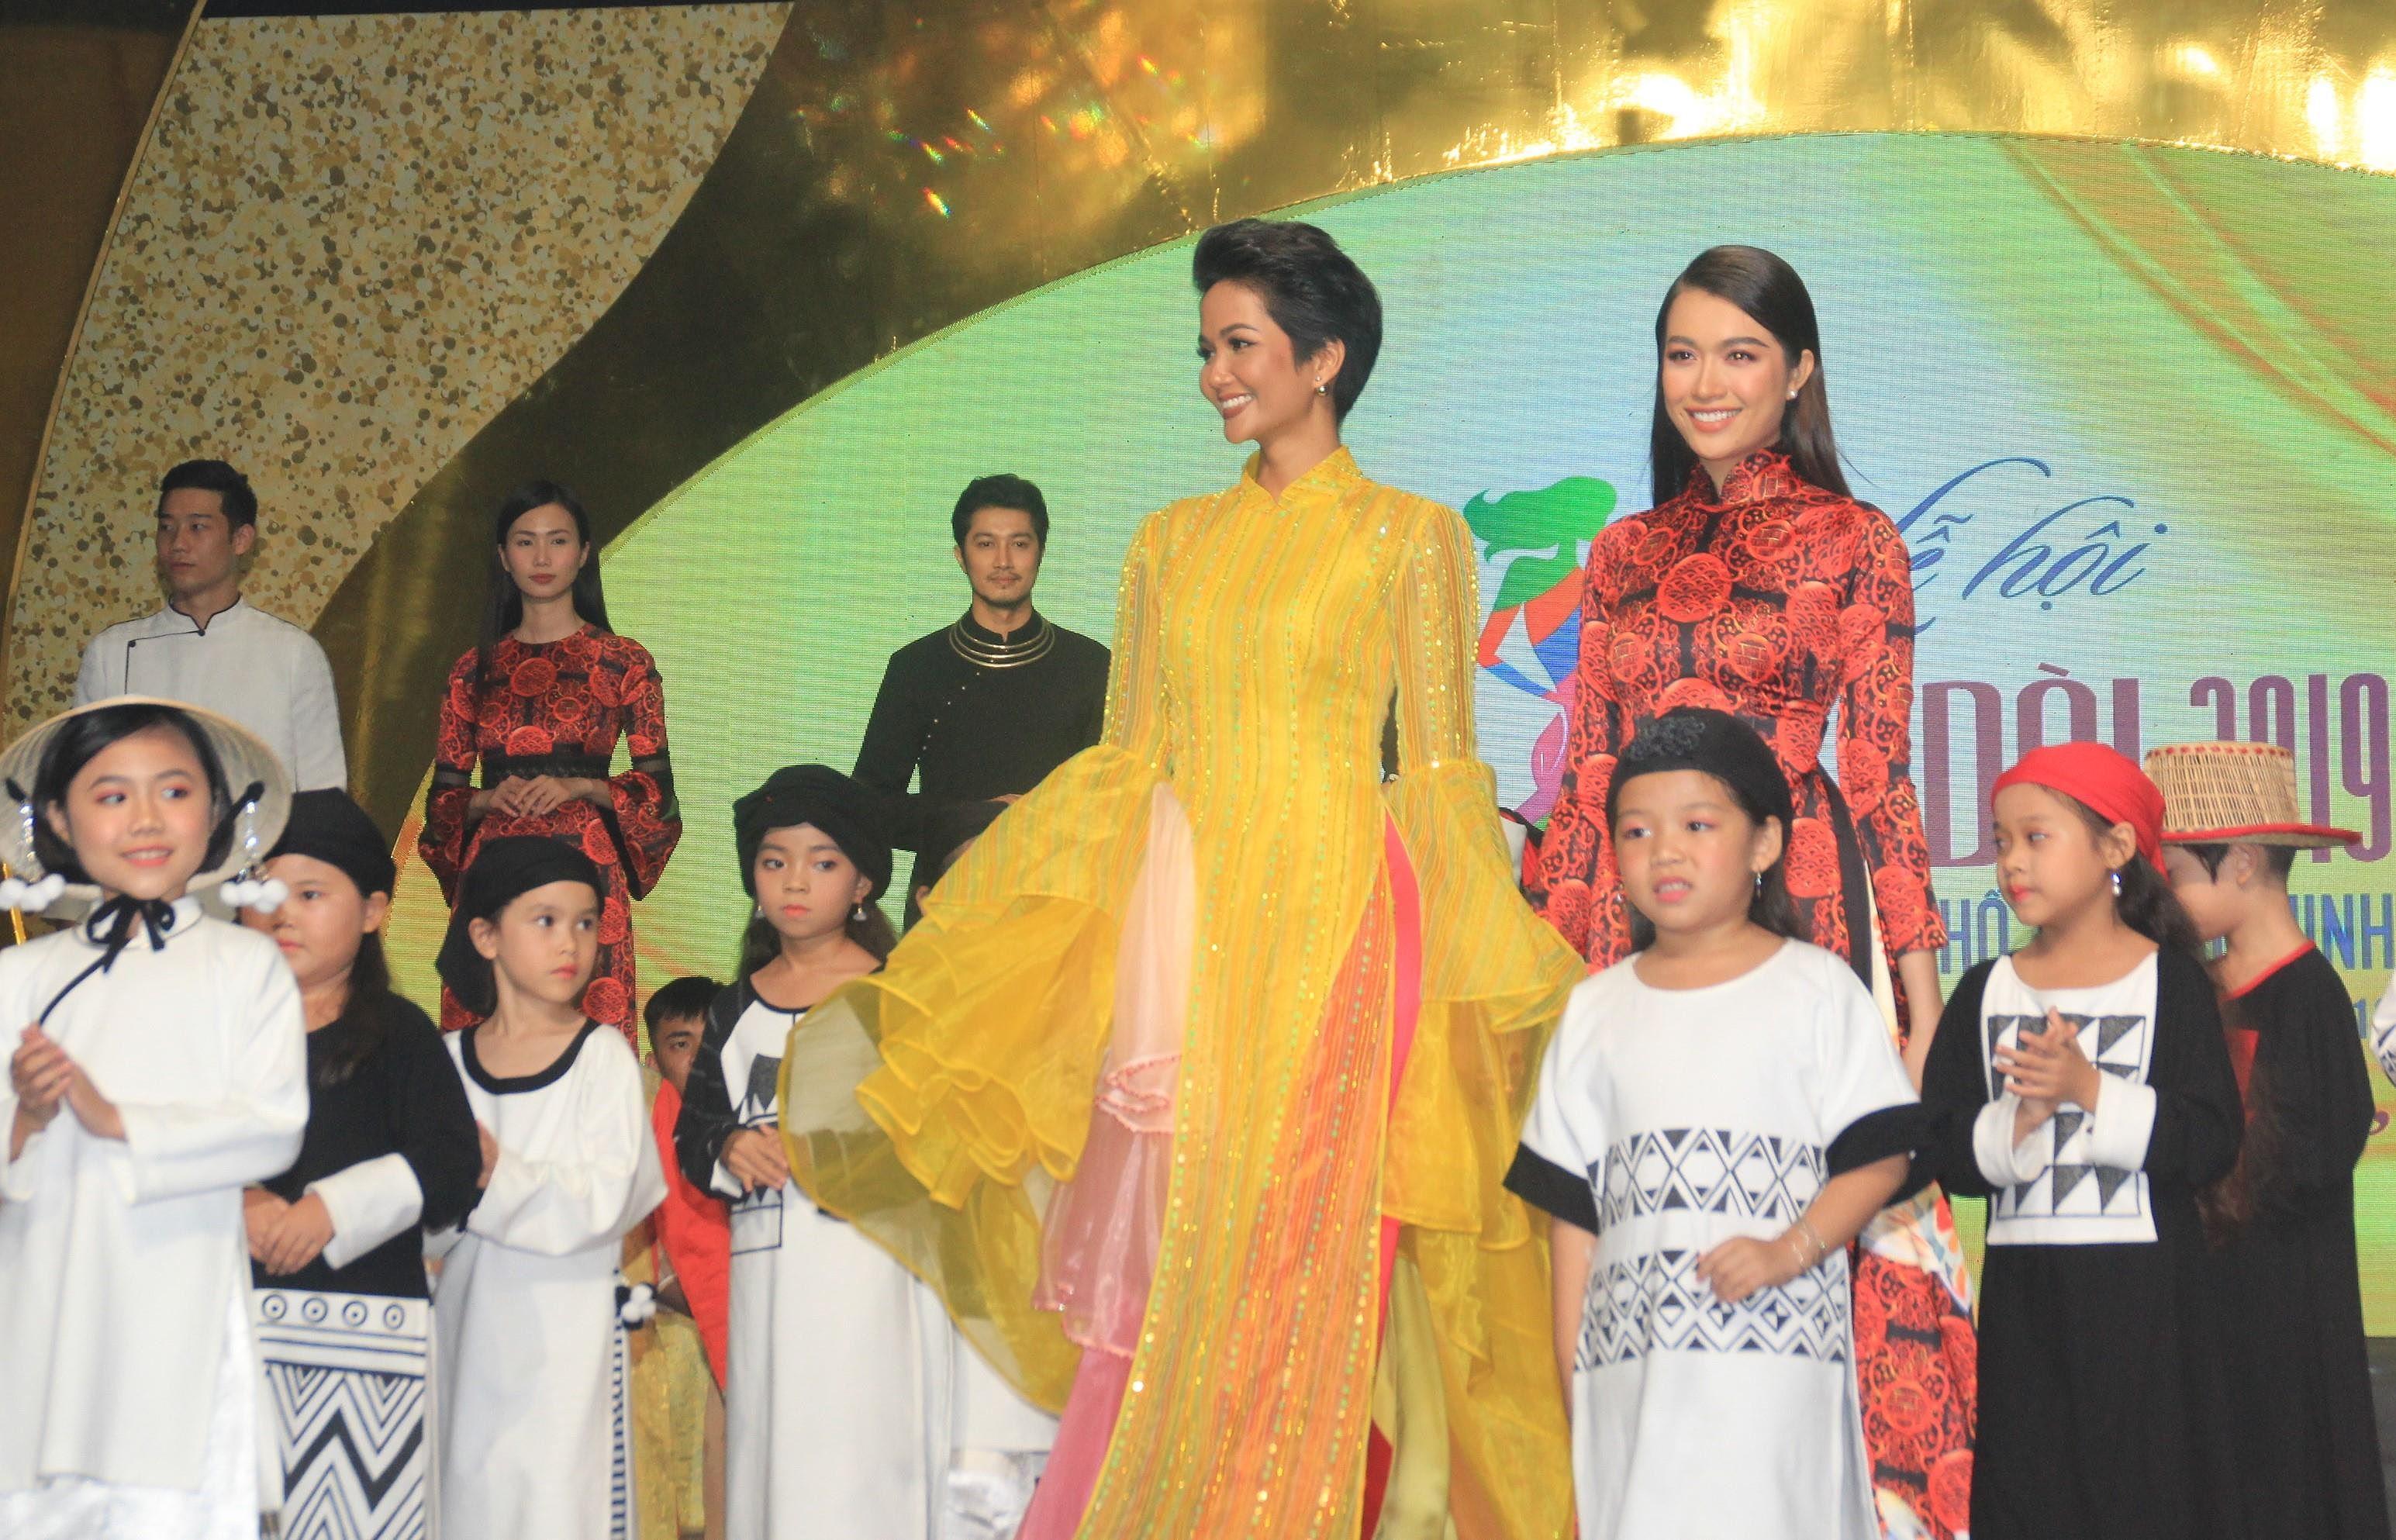 H'Hen Niê lộng lẫy diễn catwalk đêm bế mạc Lễ hội Áo dài TPHCM 2019 Ảnh 8